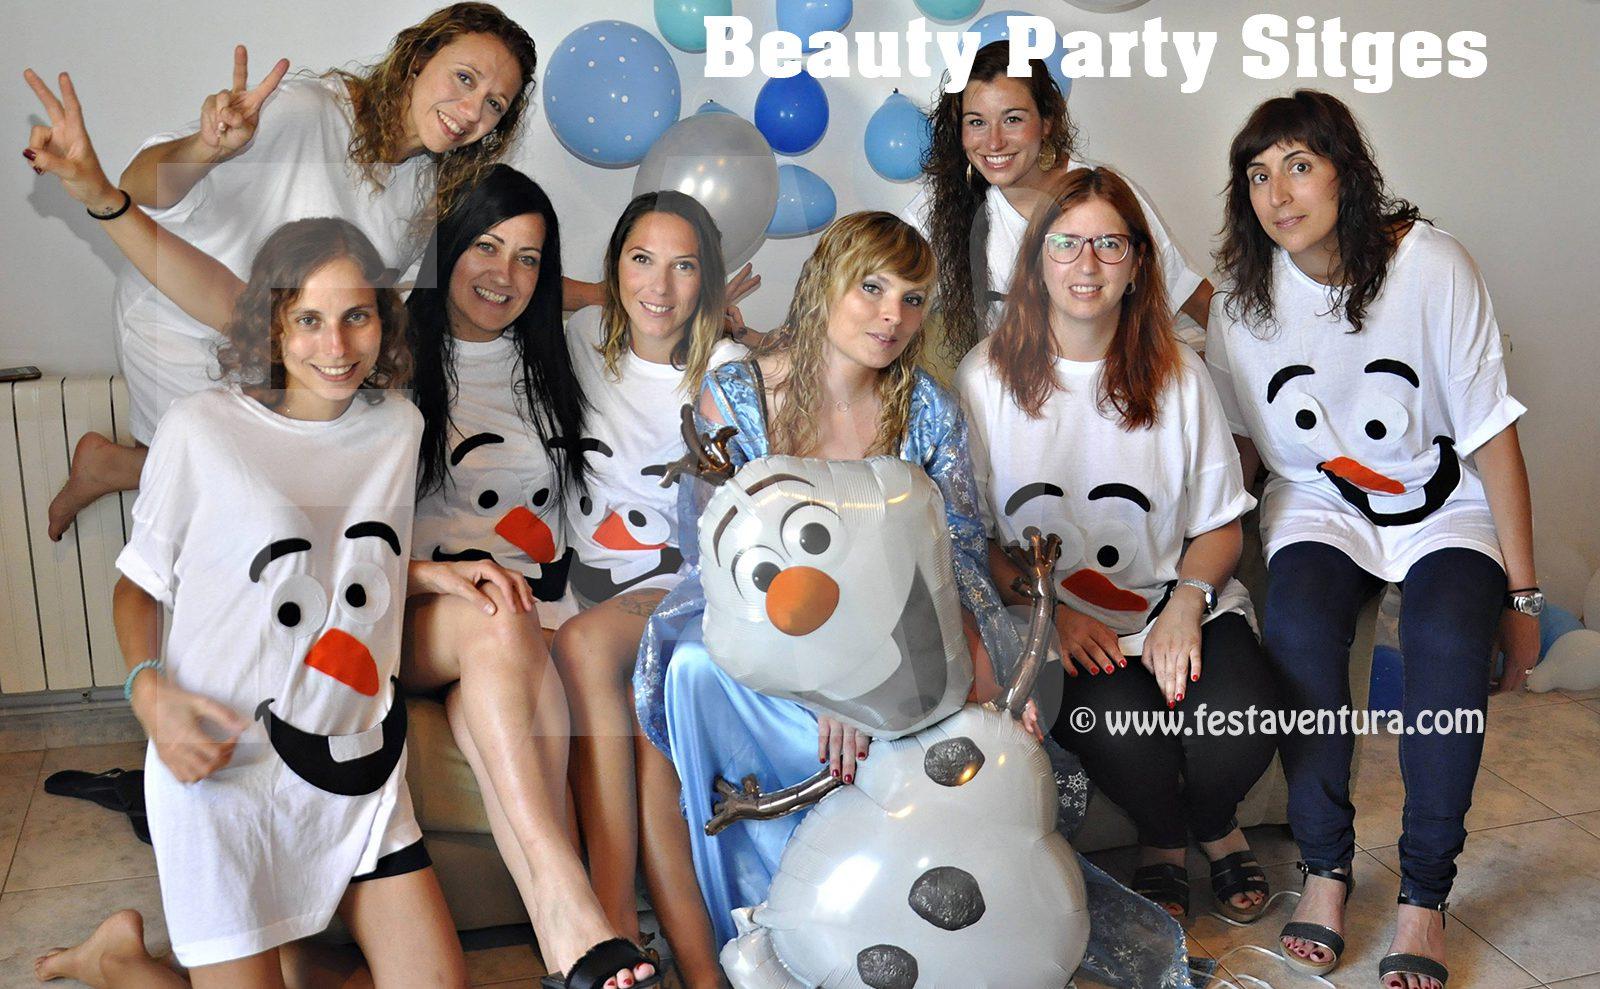 Beauty_Party-5.jpg